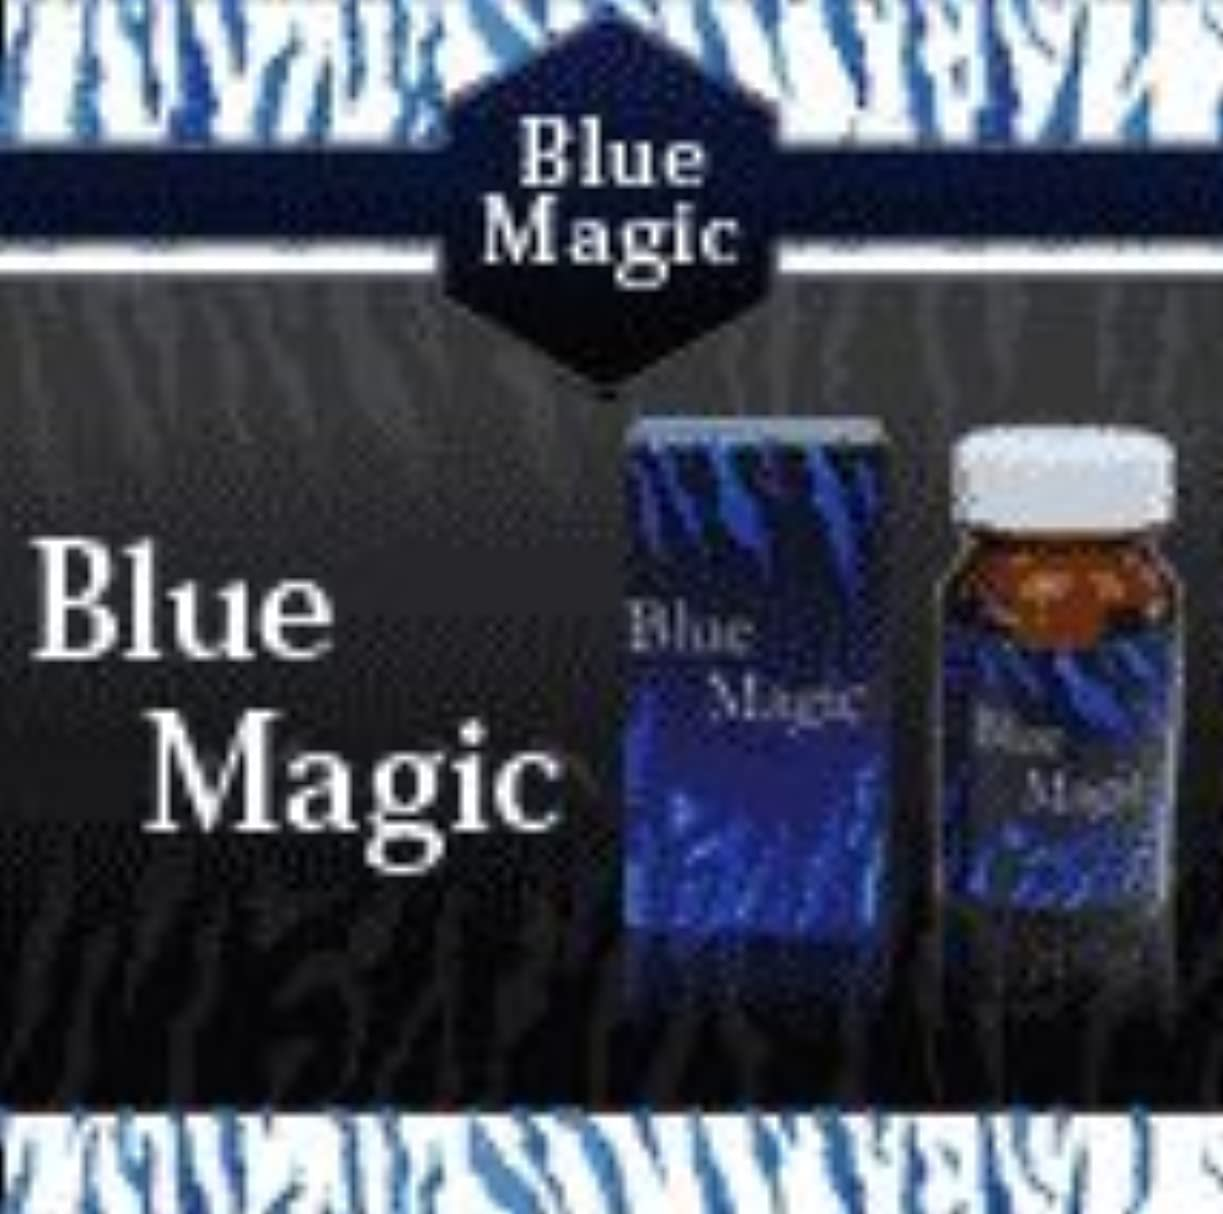 理論的砂漠愛されし者「Blue Magic」ブルーマジック (ダイエットサプリメント) 3個セット